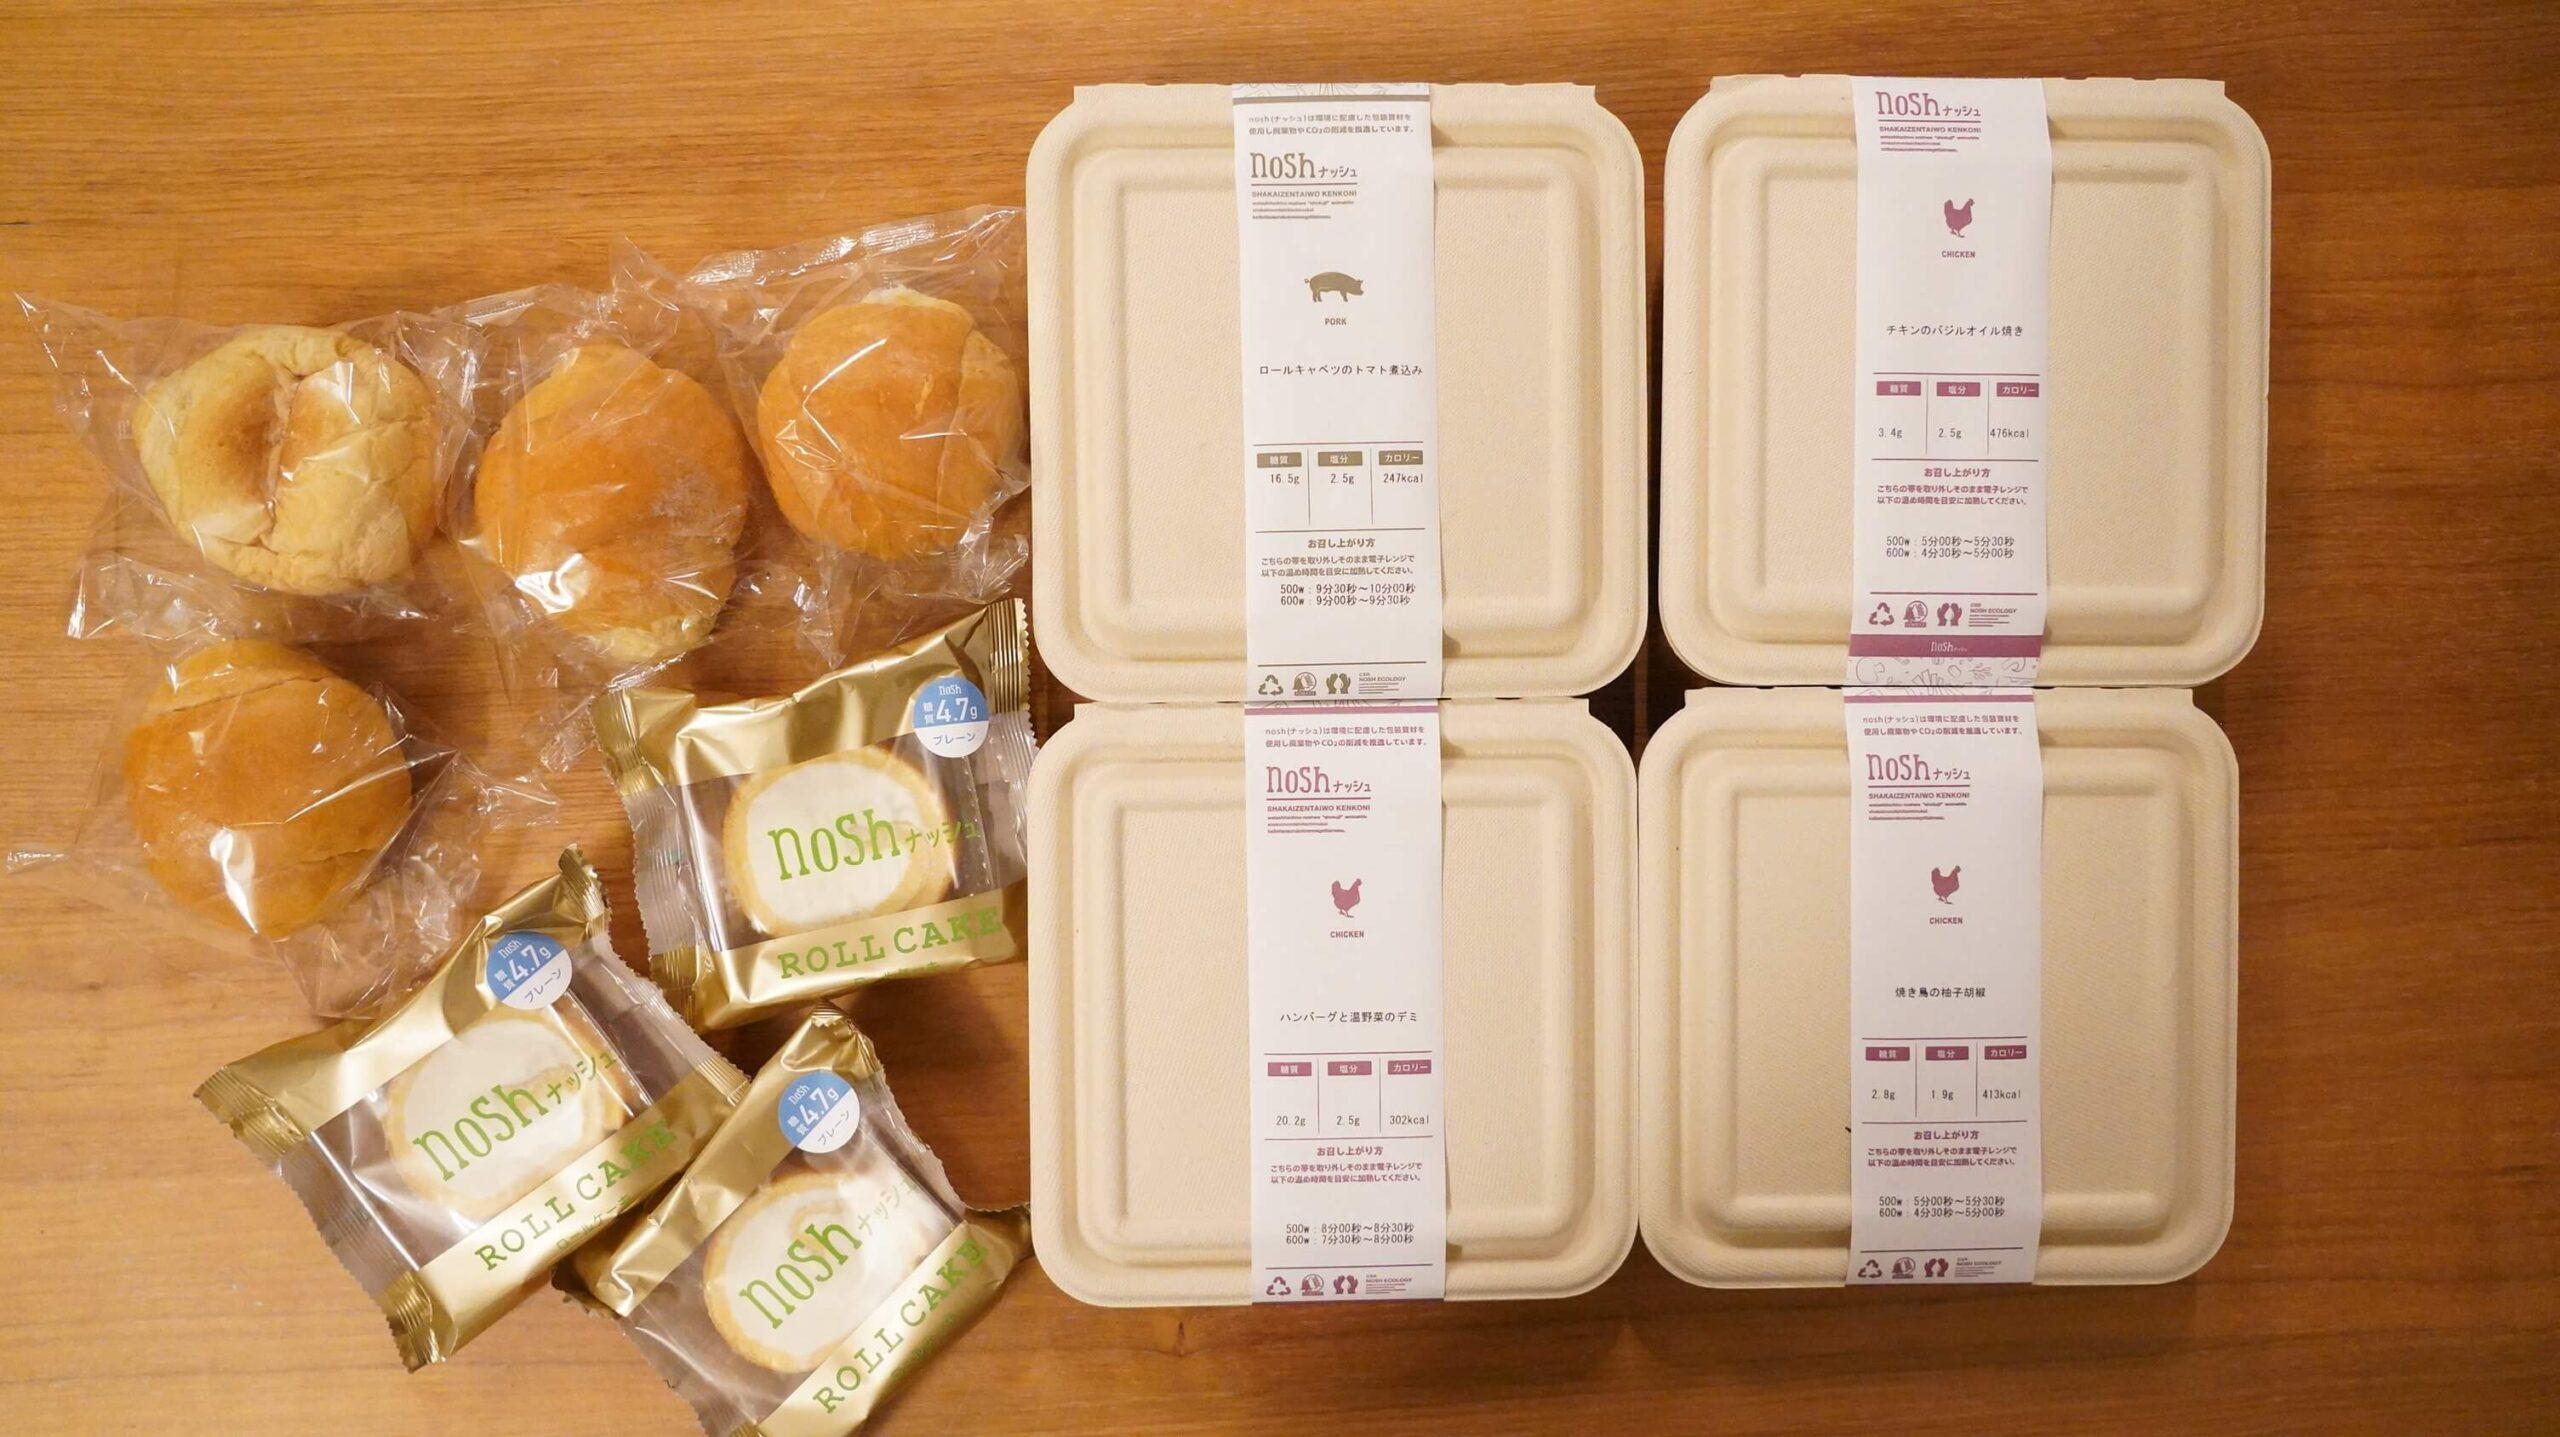 nosh(ナッシュ)の冷凍食品「ロールケーキ」とパン、冷凍弁当の写真